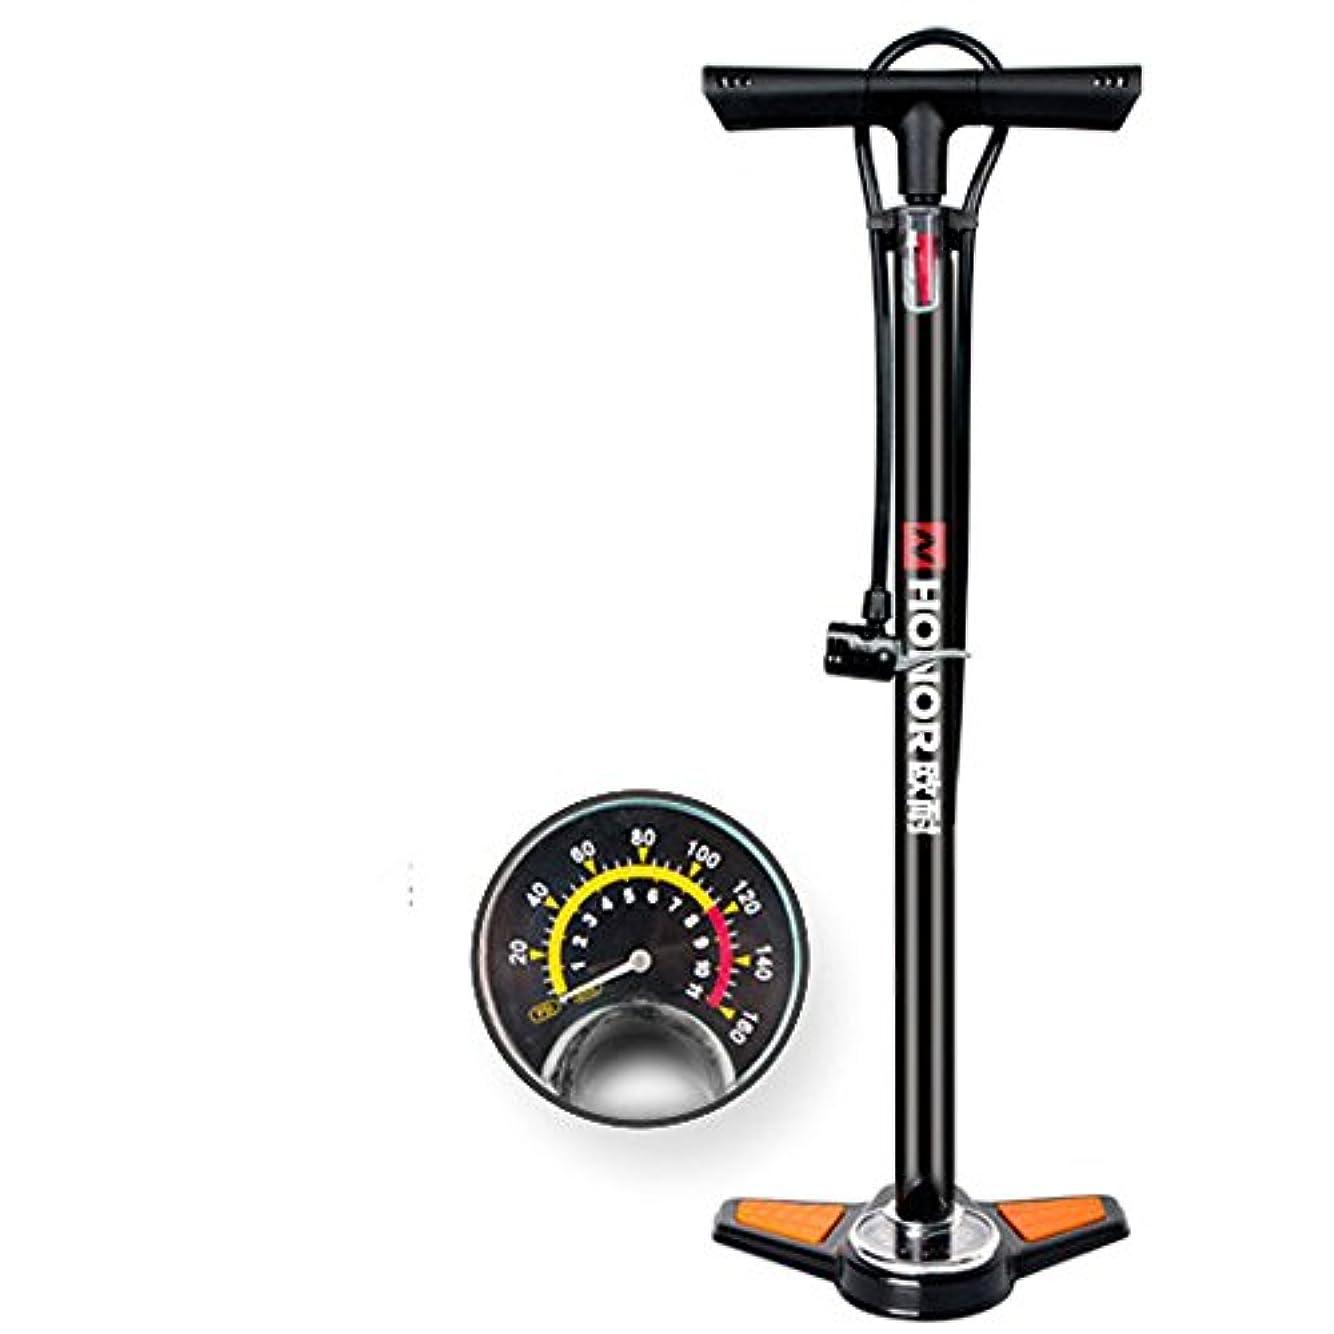 行う局節約ポンプ高圧ポンプ自転車ポータブル家庭用自転車車電気自転車自転車バスケットボール自転車アクセサリーポンプ